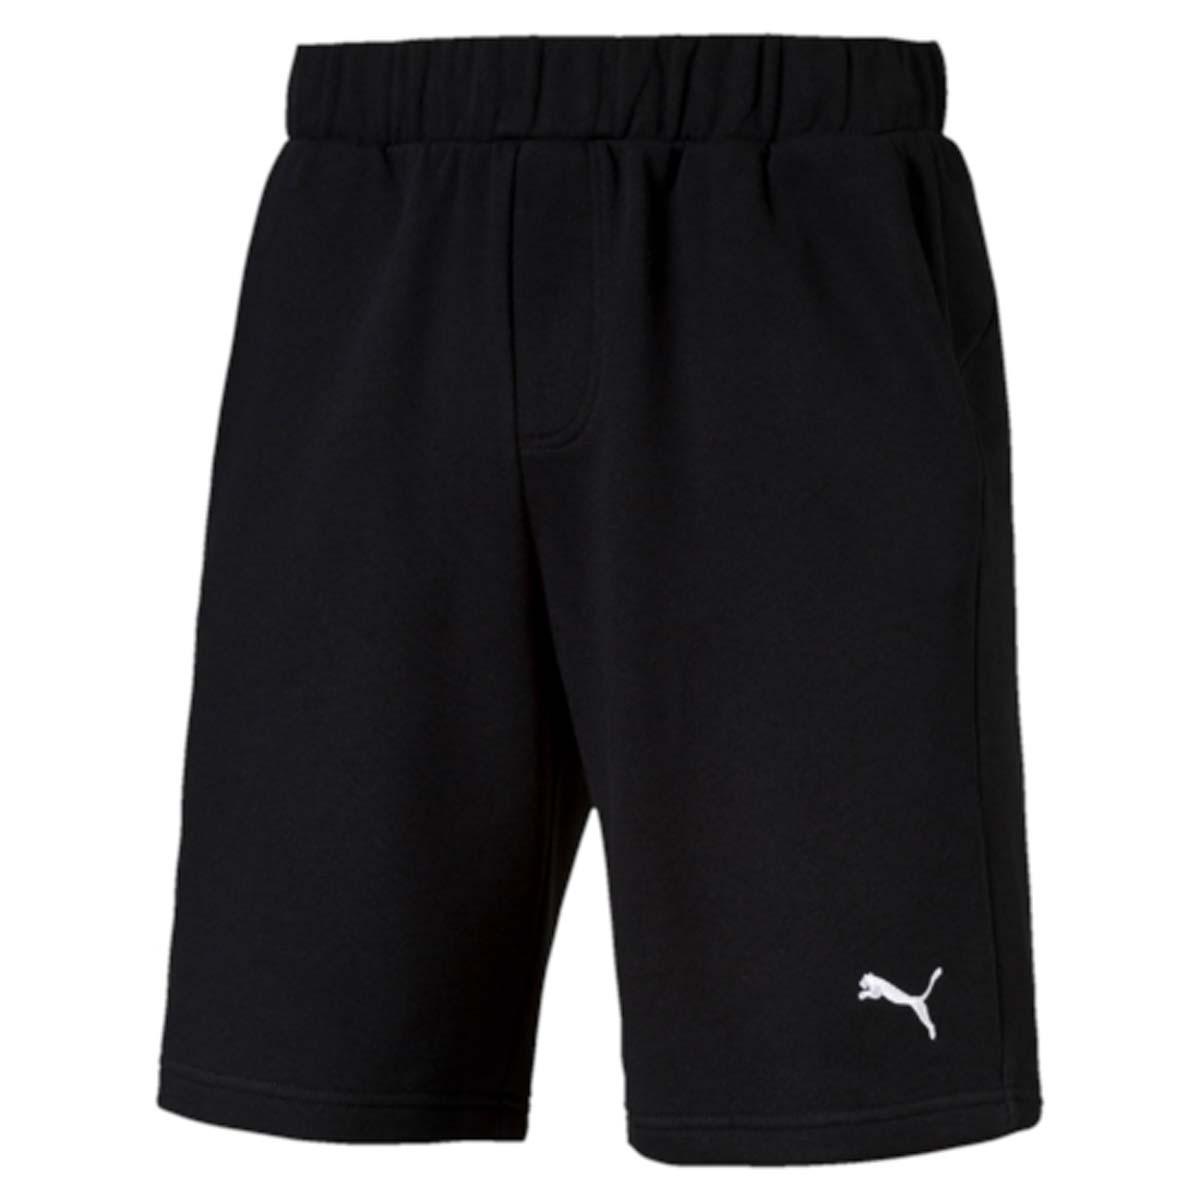 Шорты мужские Puma Ess Sweat Shorts 9, цвет: черный. 838260_01. Размер XL (50/52)838260_01Шорты ESS Sweat Shorts 9, выполненные из хлопка и полиэстера, прекрасно подойдут для ежедневного использования, а также для тренировок. Шорты декорированы вышитым логотипом PUMA. Среди других отличительных особенностей изделия - пояс из его основного материала с продернутым затягивающимся шнуром, карманы в швах, а также нашитая сверху задняя кокетка для лучшей посадки по фигуре.